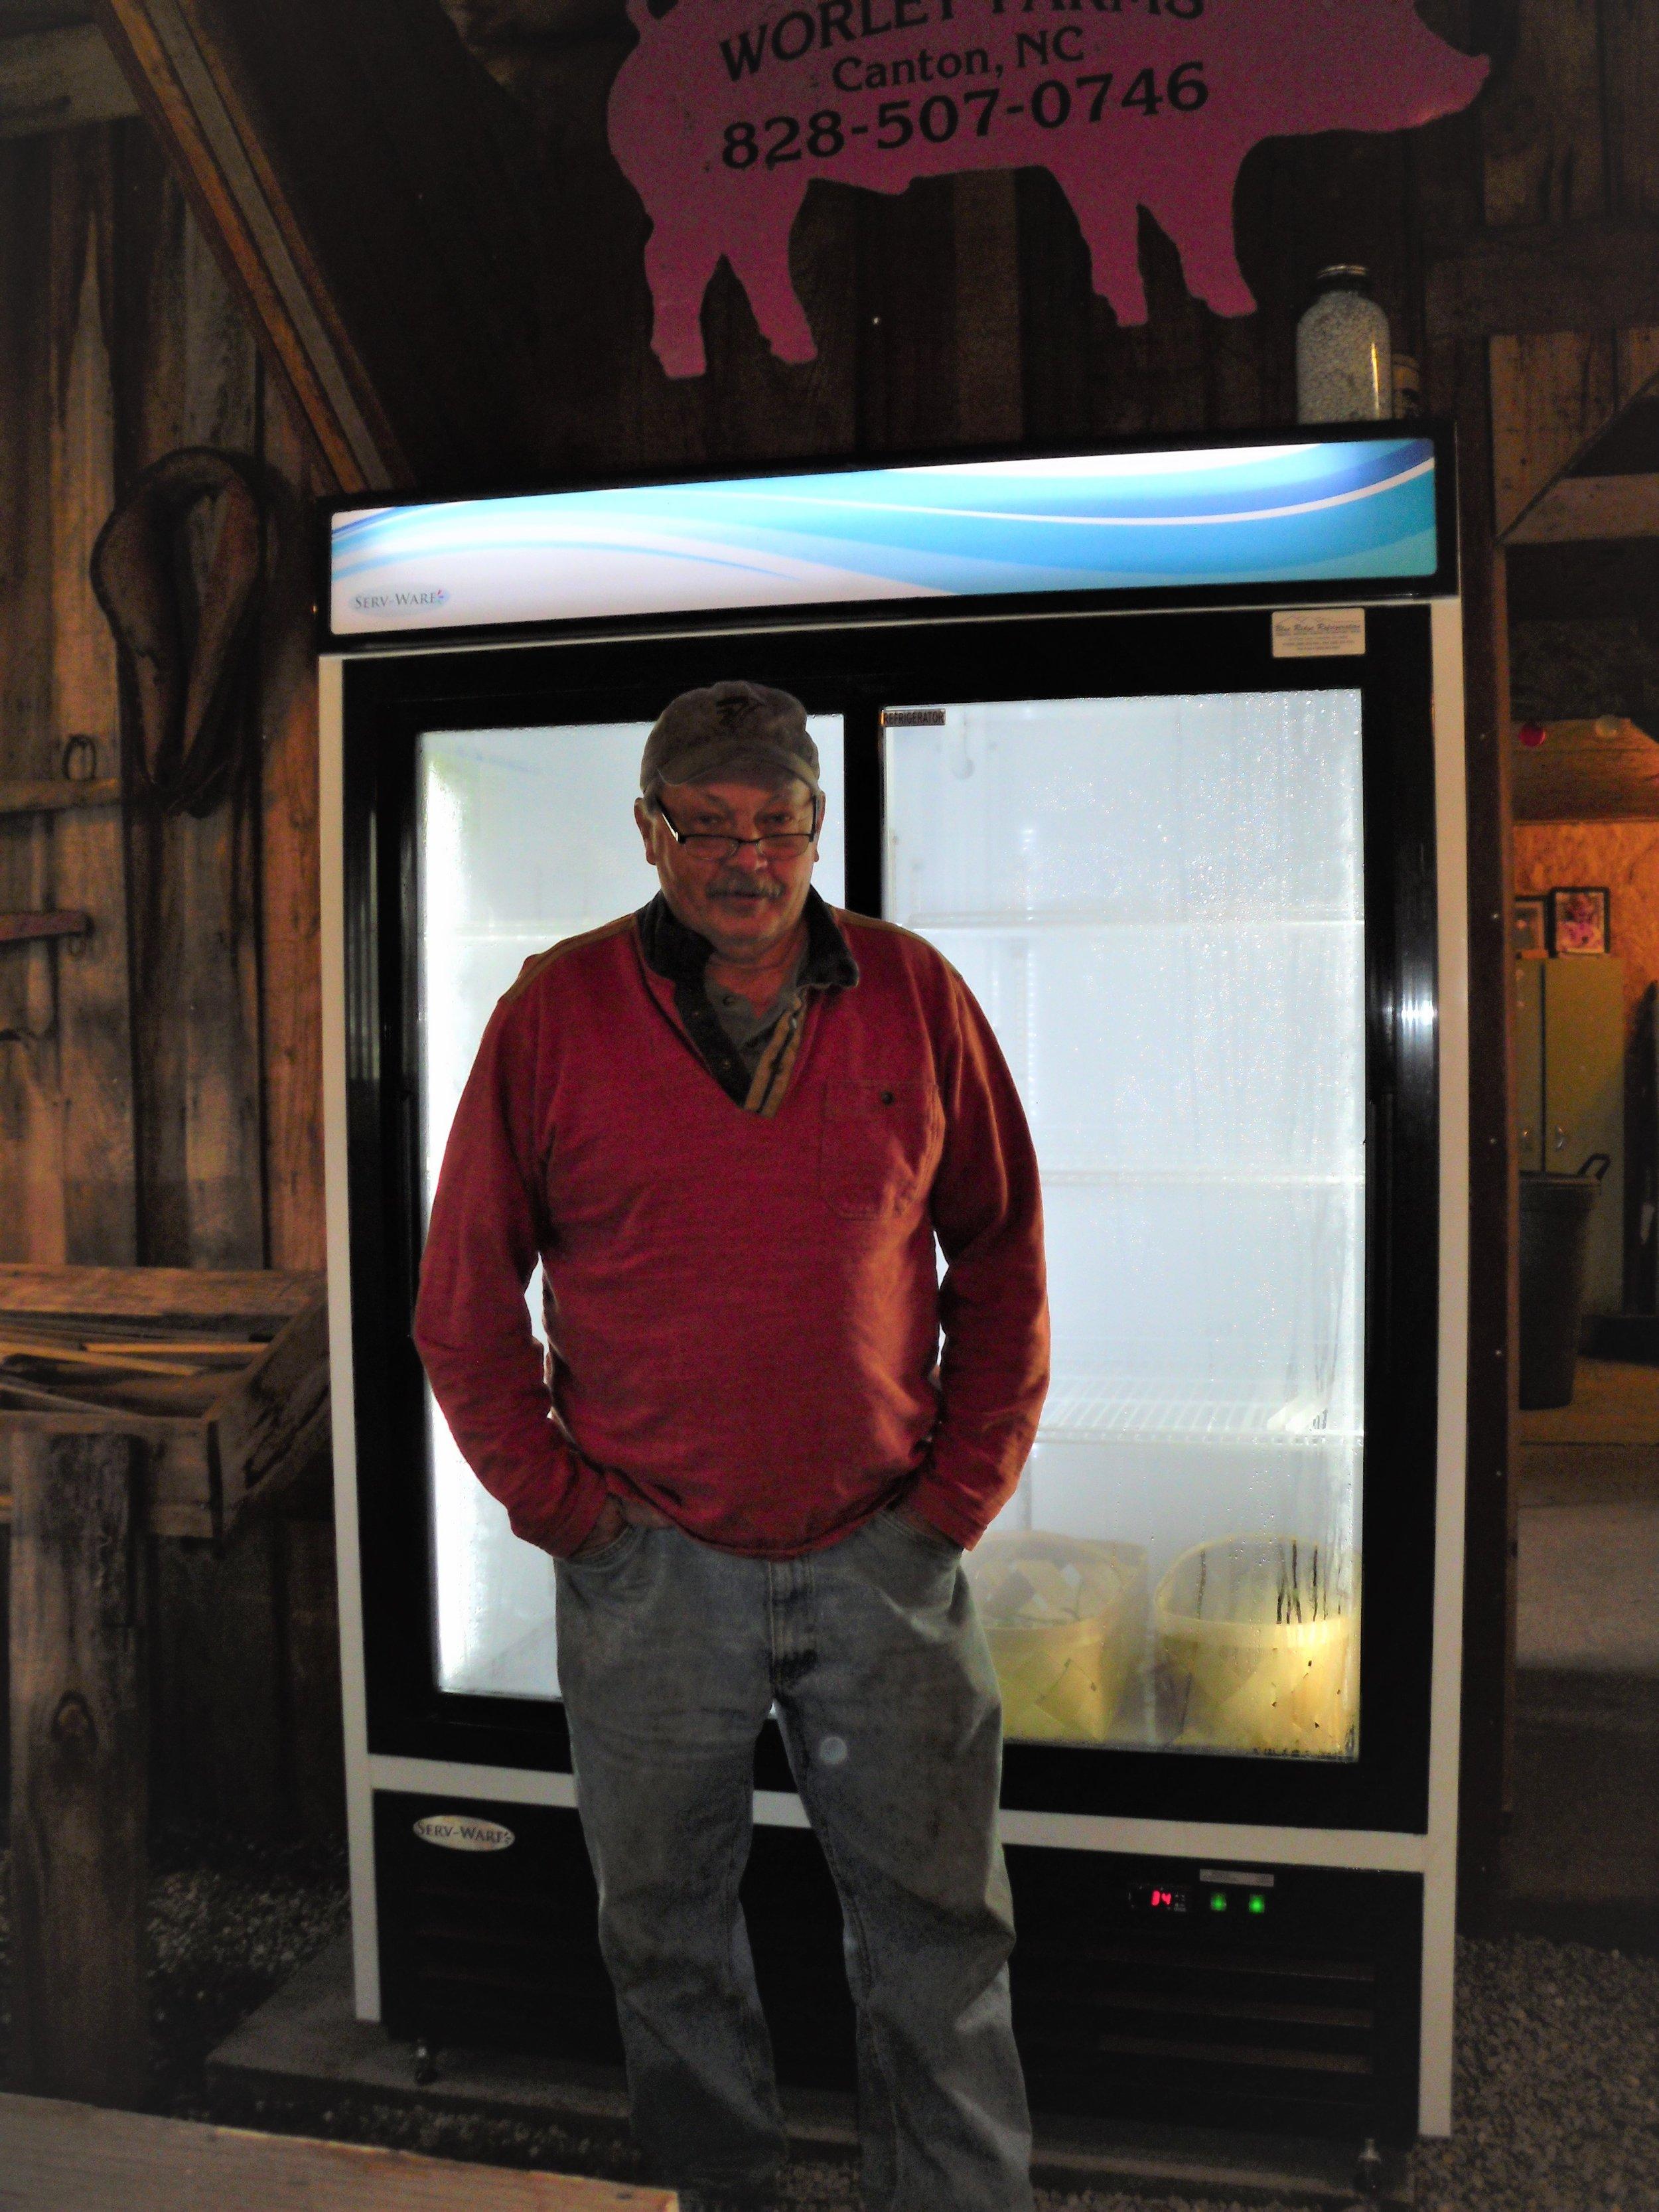 Danny Barrett, owner of Ten Acre Garden, standing proudly in front of his new restaurant-grade cooler.